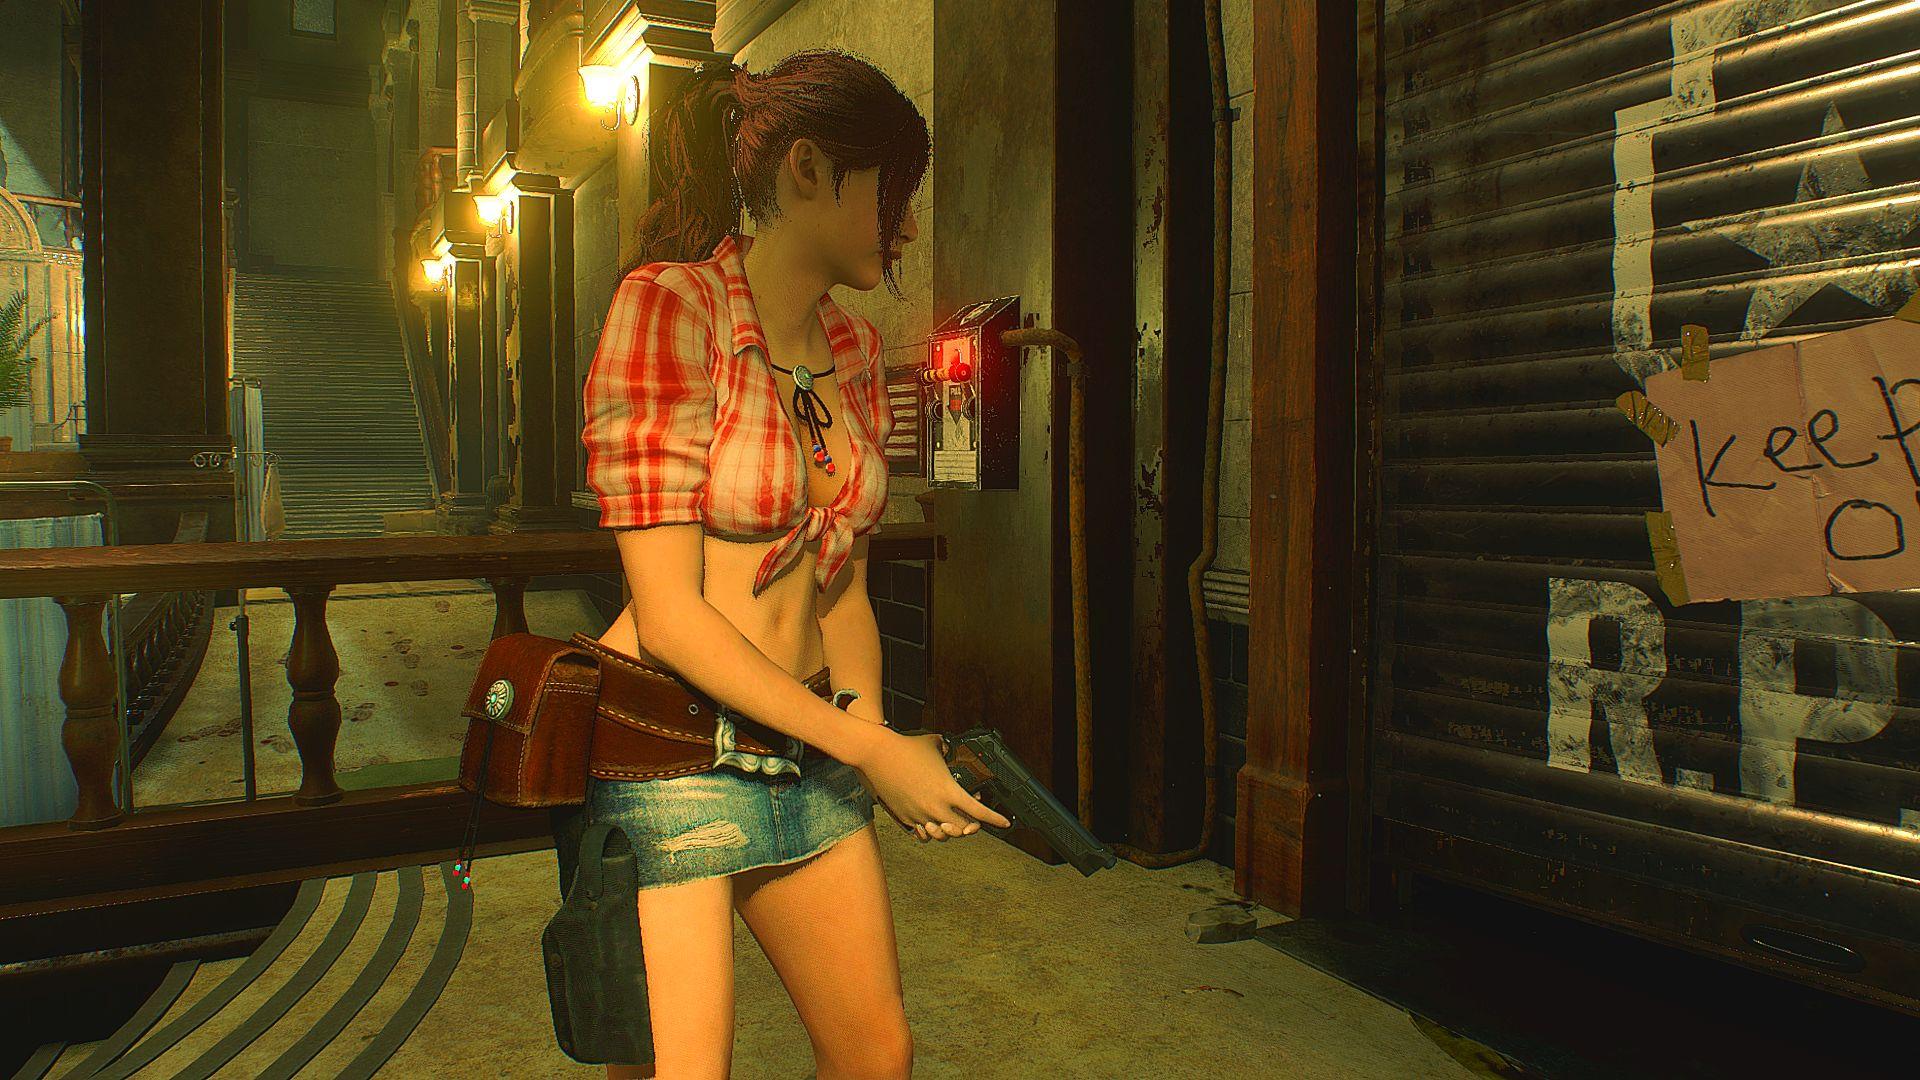 000148.Jpg - Resident Evil 2